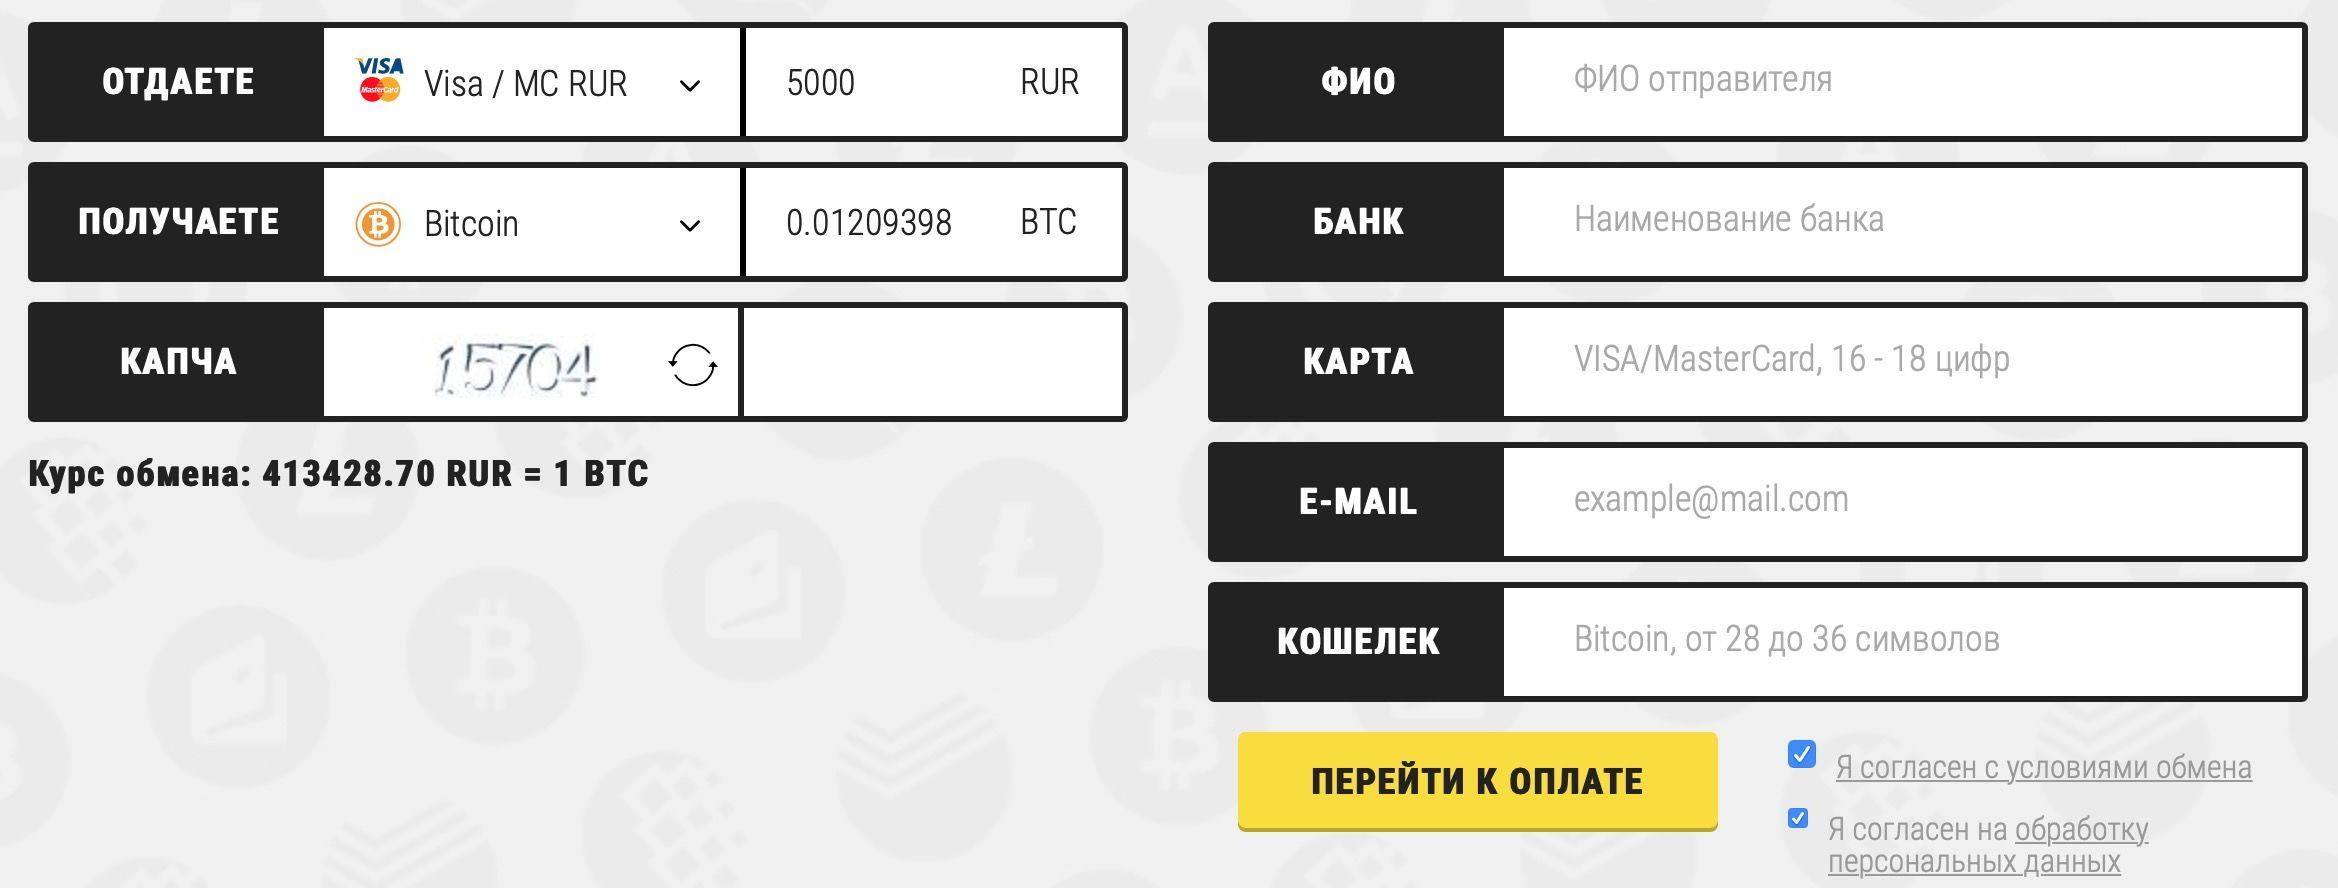 obmennik-fast-change-bitbetnews